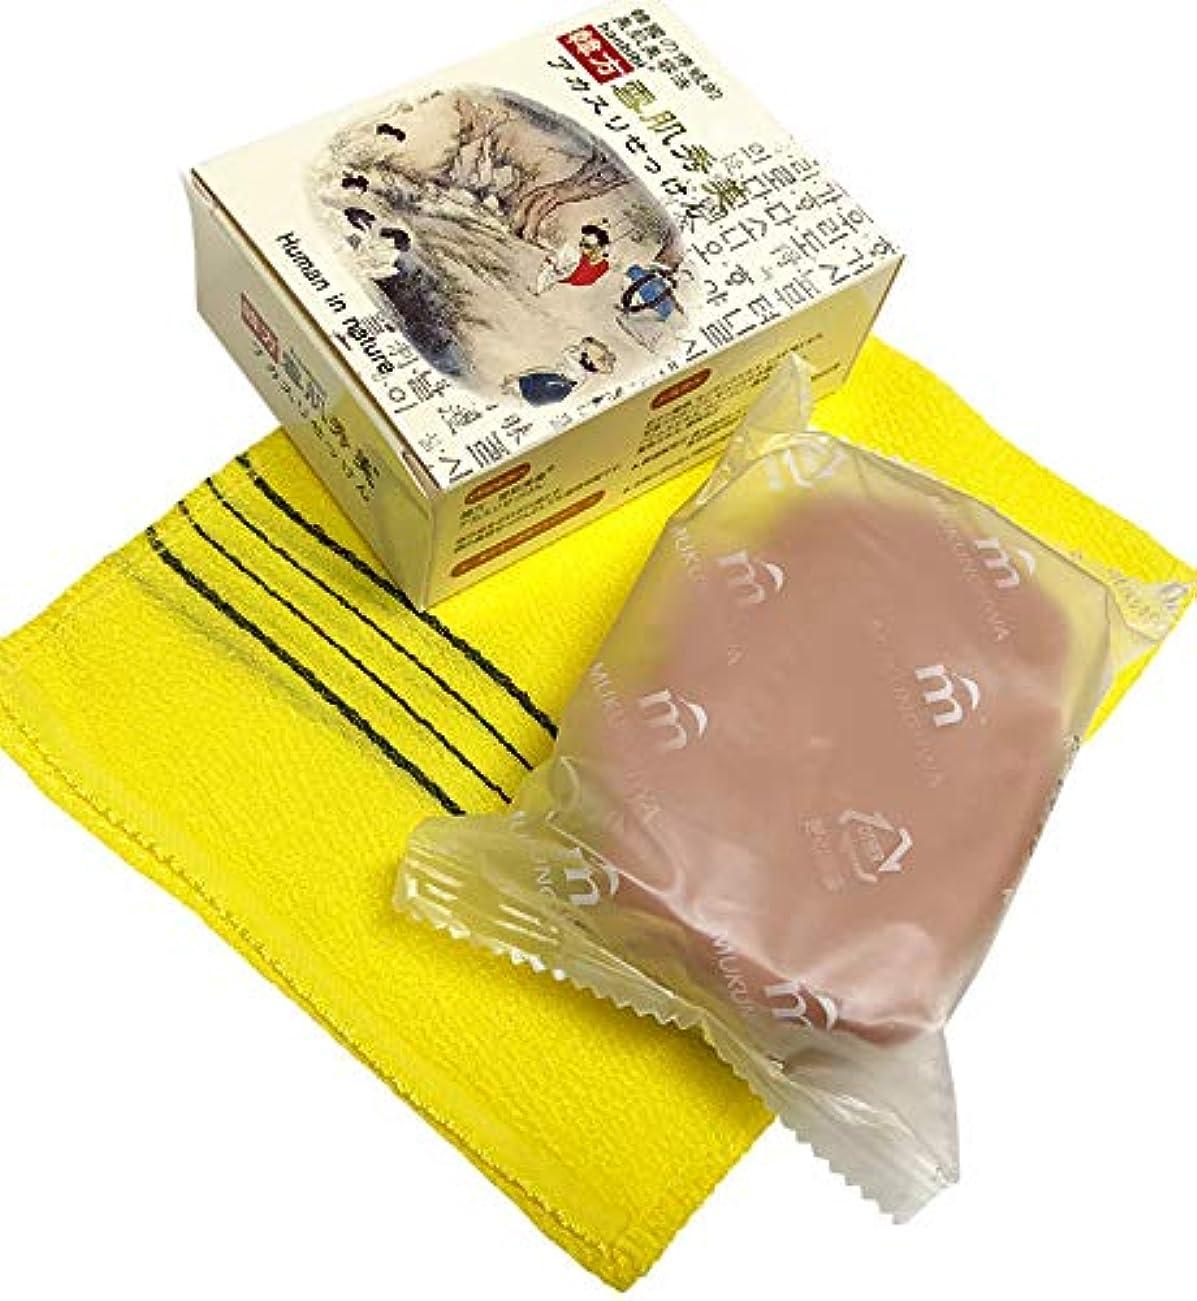 斧曲げる事故人気の顔、体兼用、蜂蜜香りの韓方石ケン、韓国コスメ 韓方[雪肌美]蜂蜜アカスリせっけん アカスリ専用タオル付き